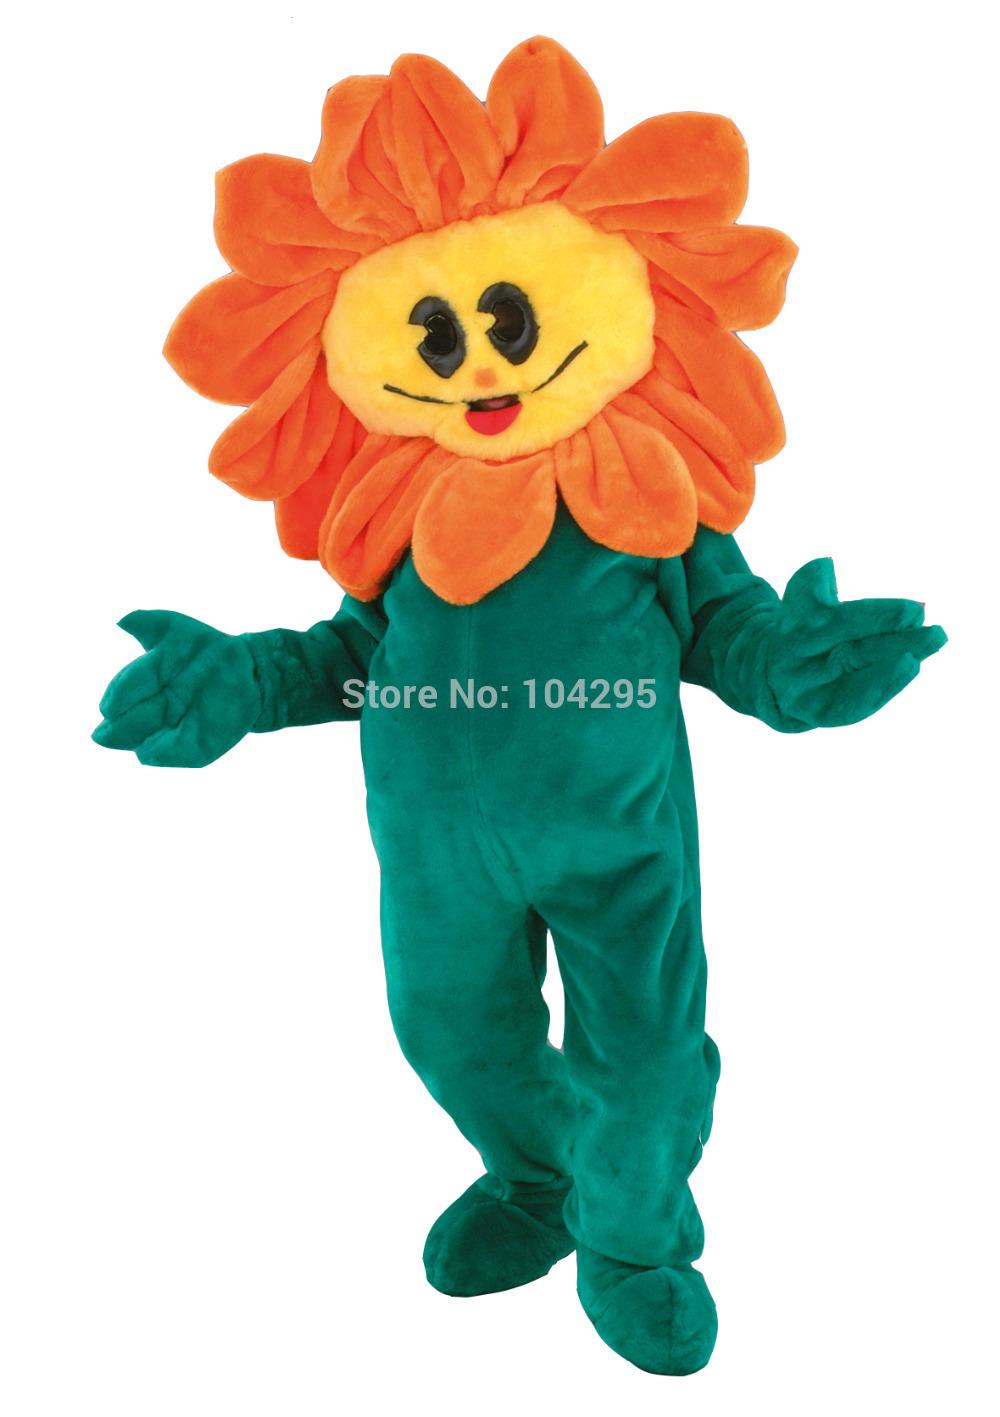 ohlees-professional-sun-font-b-flower-b-font-plants-font-b-mascot-b-font-costumes-adults.jpg